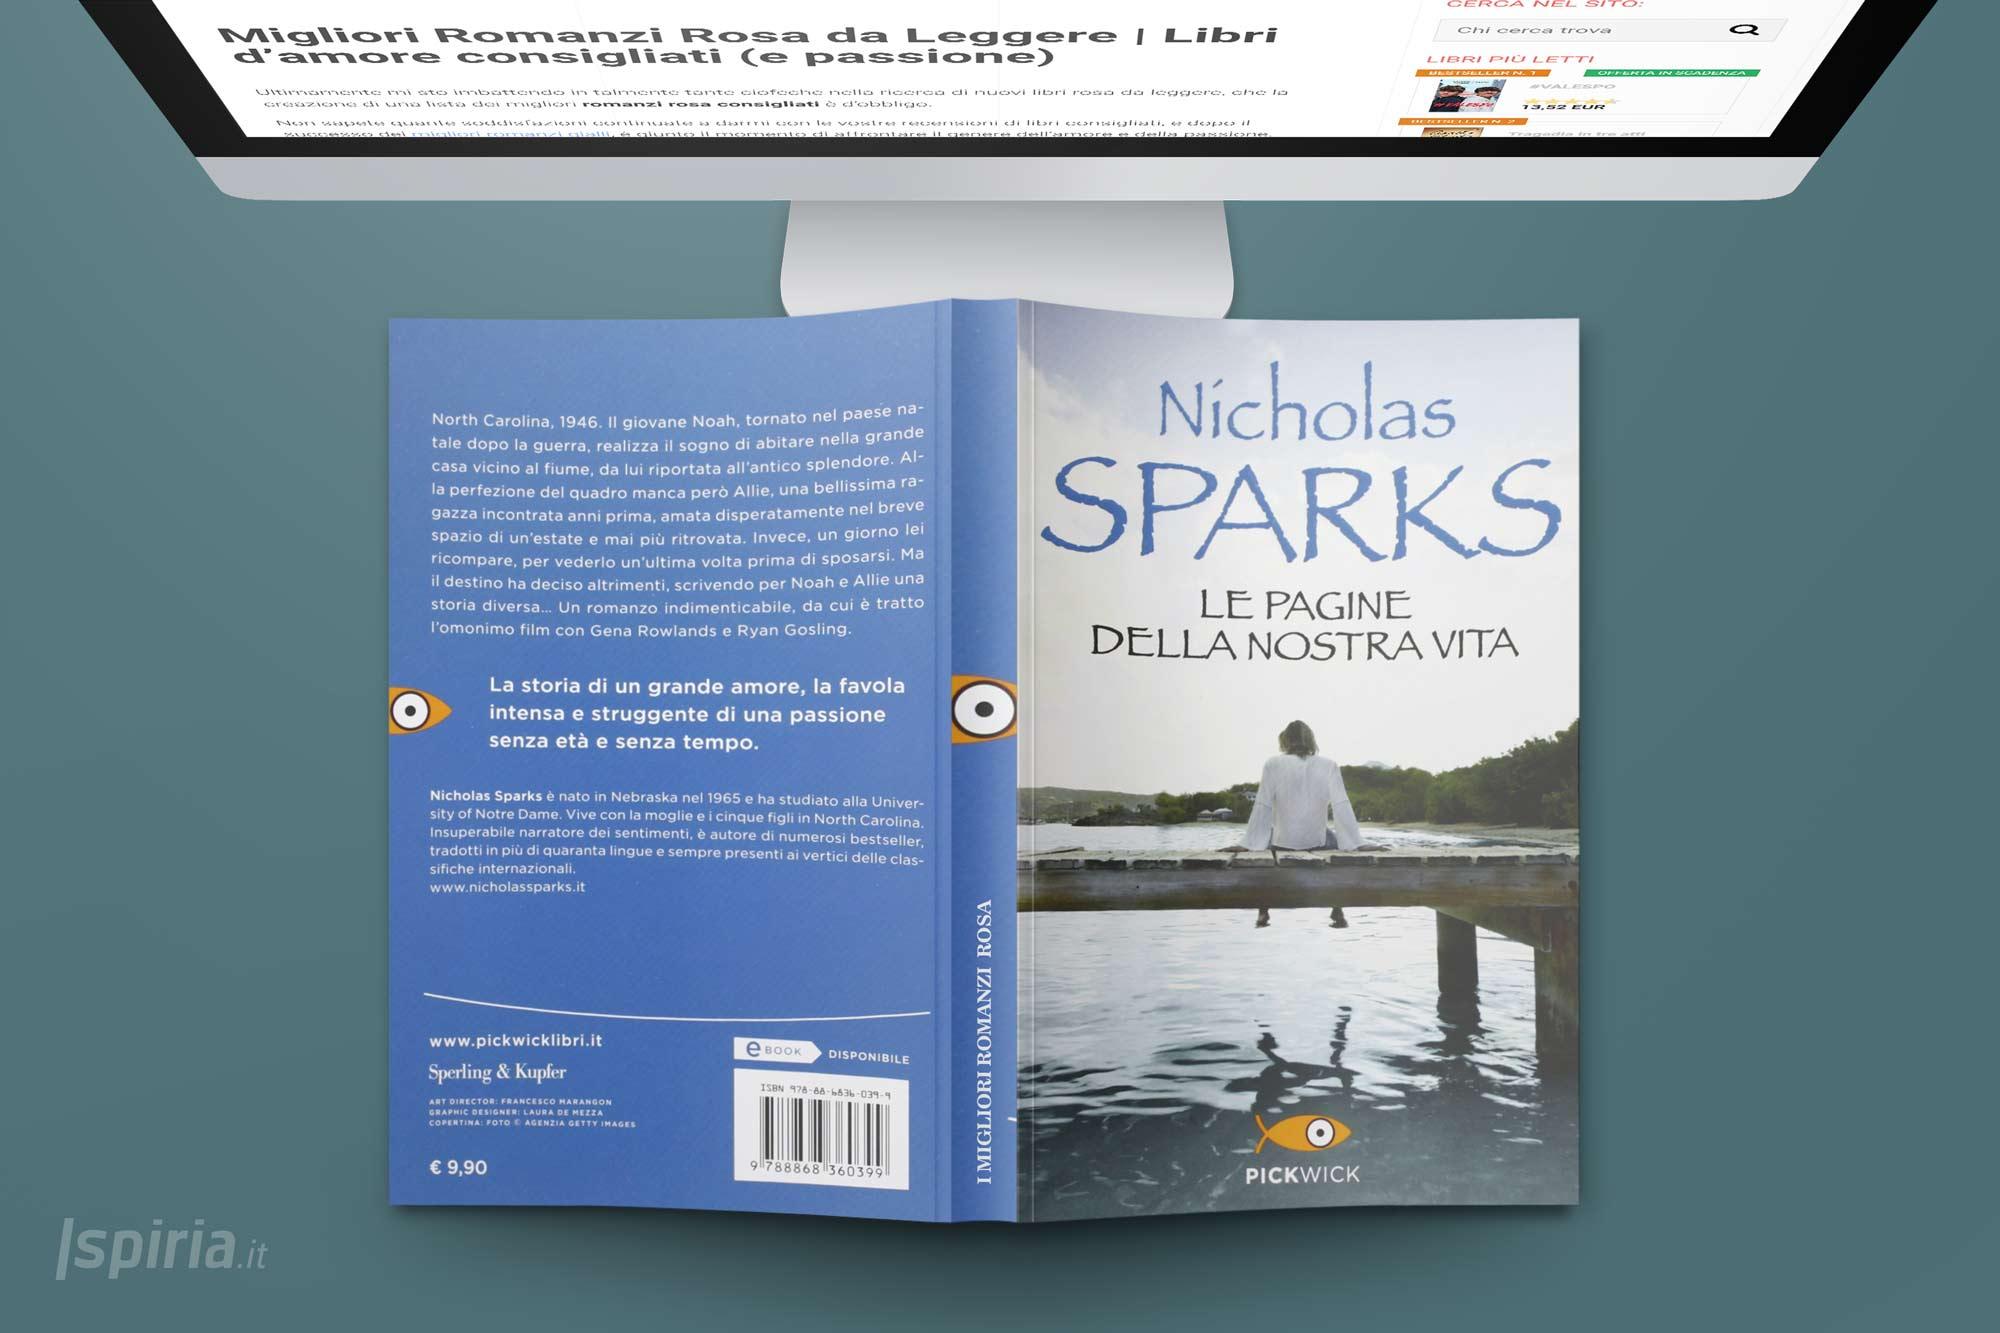 le-pagine-della-nosta-vita-romanzo-rosa-nicholas-sparks